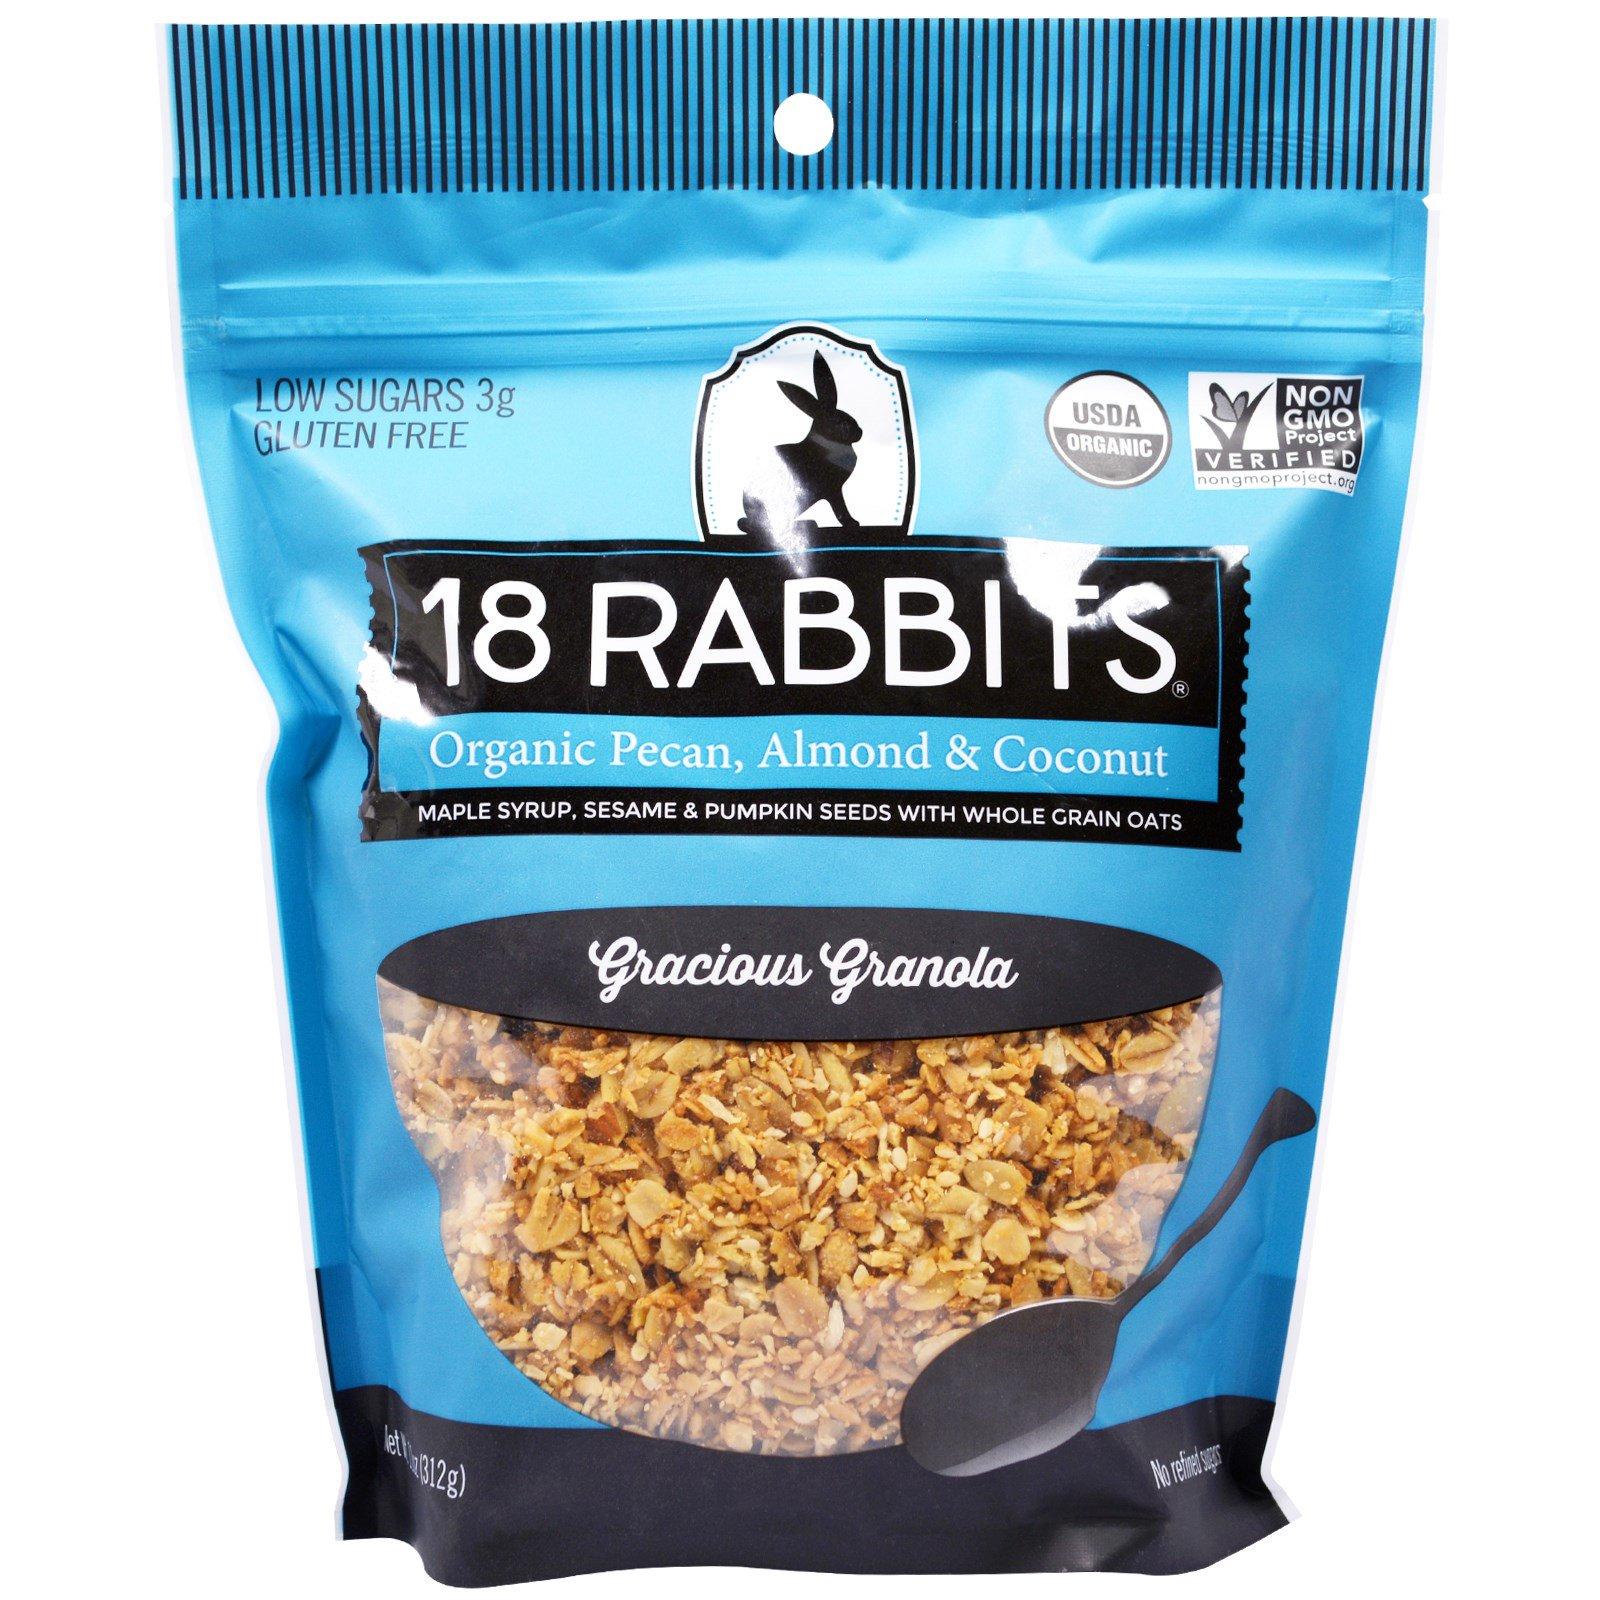 18 Rabbits, Мюсли Gracious Granola, с пеканом, миндалем и кокосом органического происхождения, 11 унций (312 г)